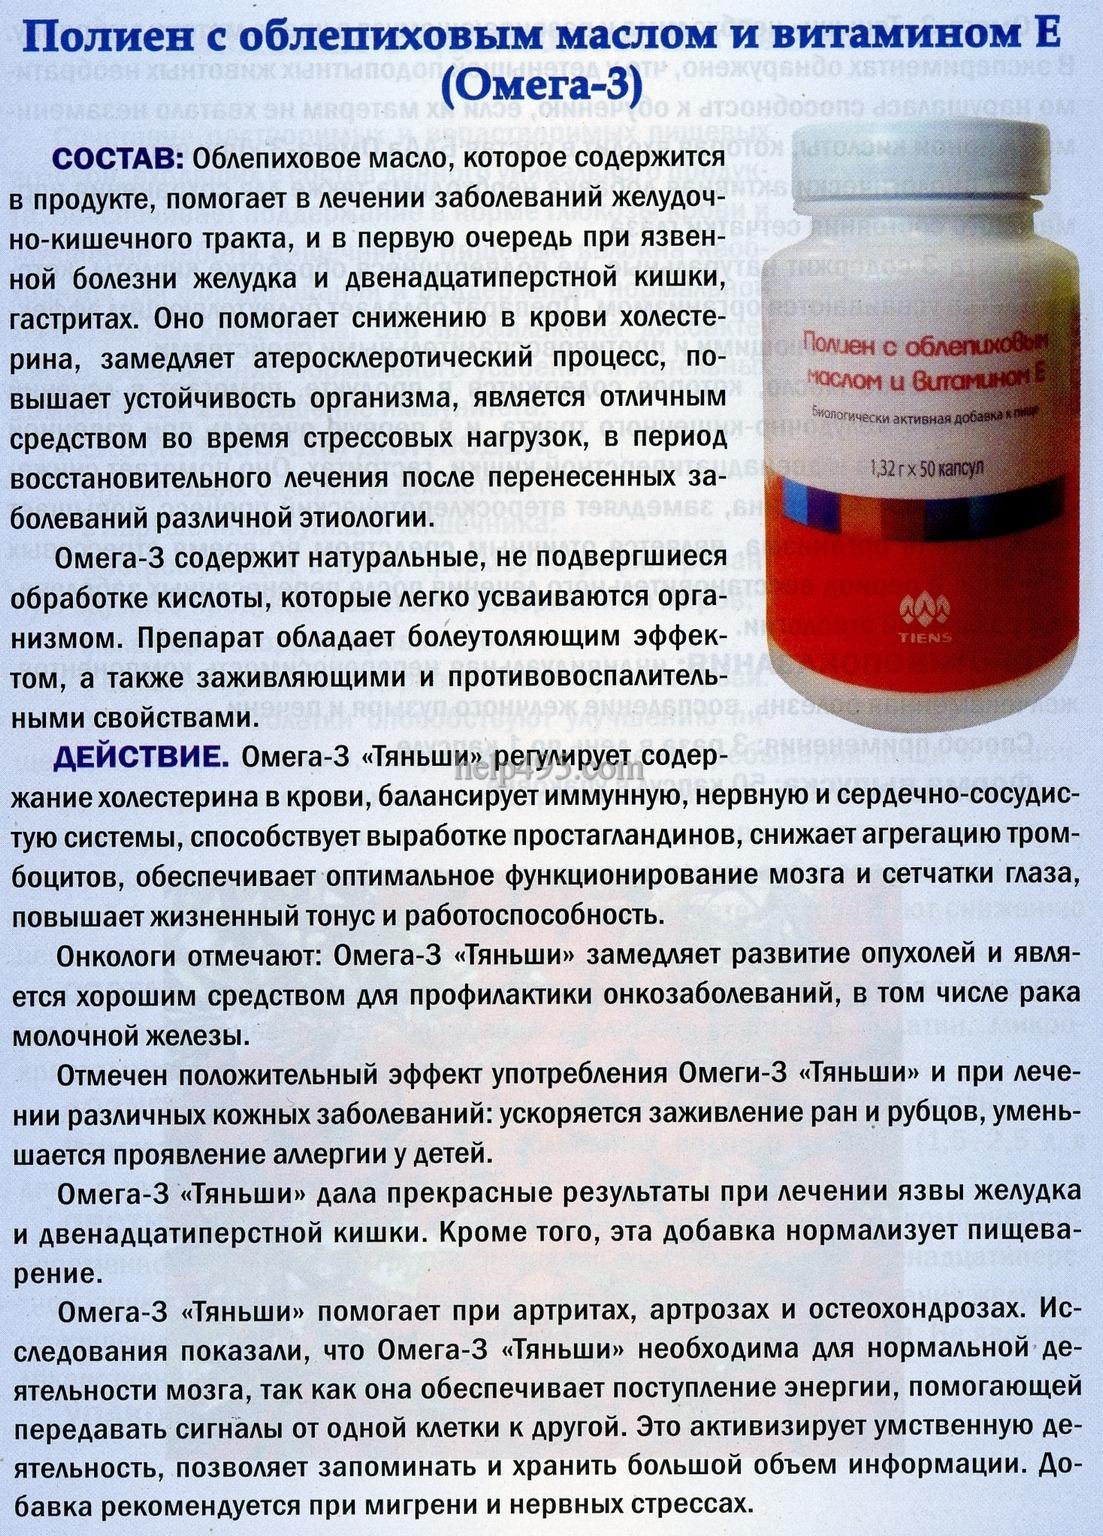 Описание омега-3 жирных кислот Тяньши